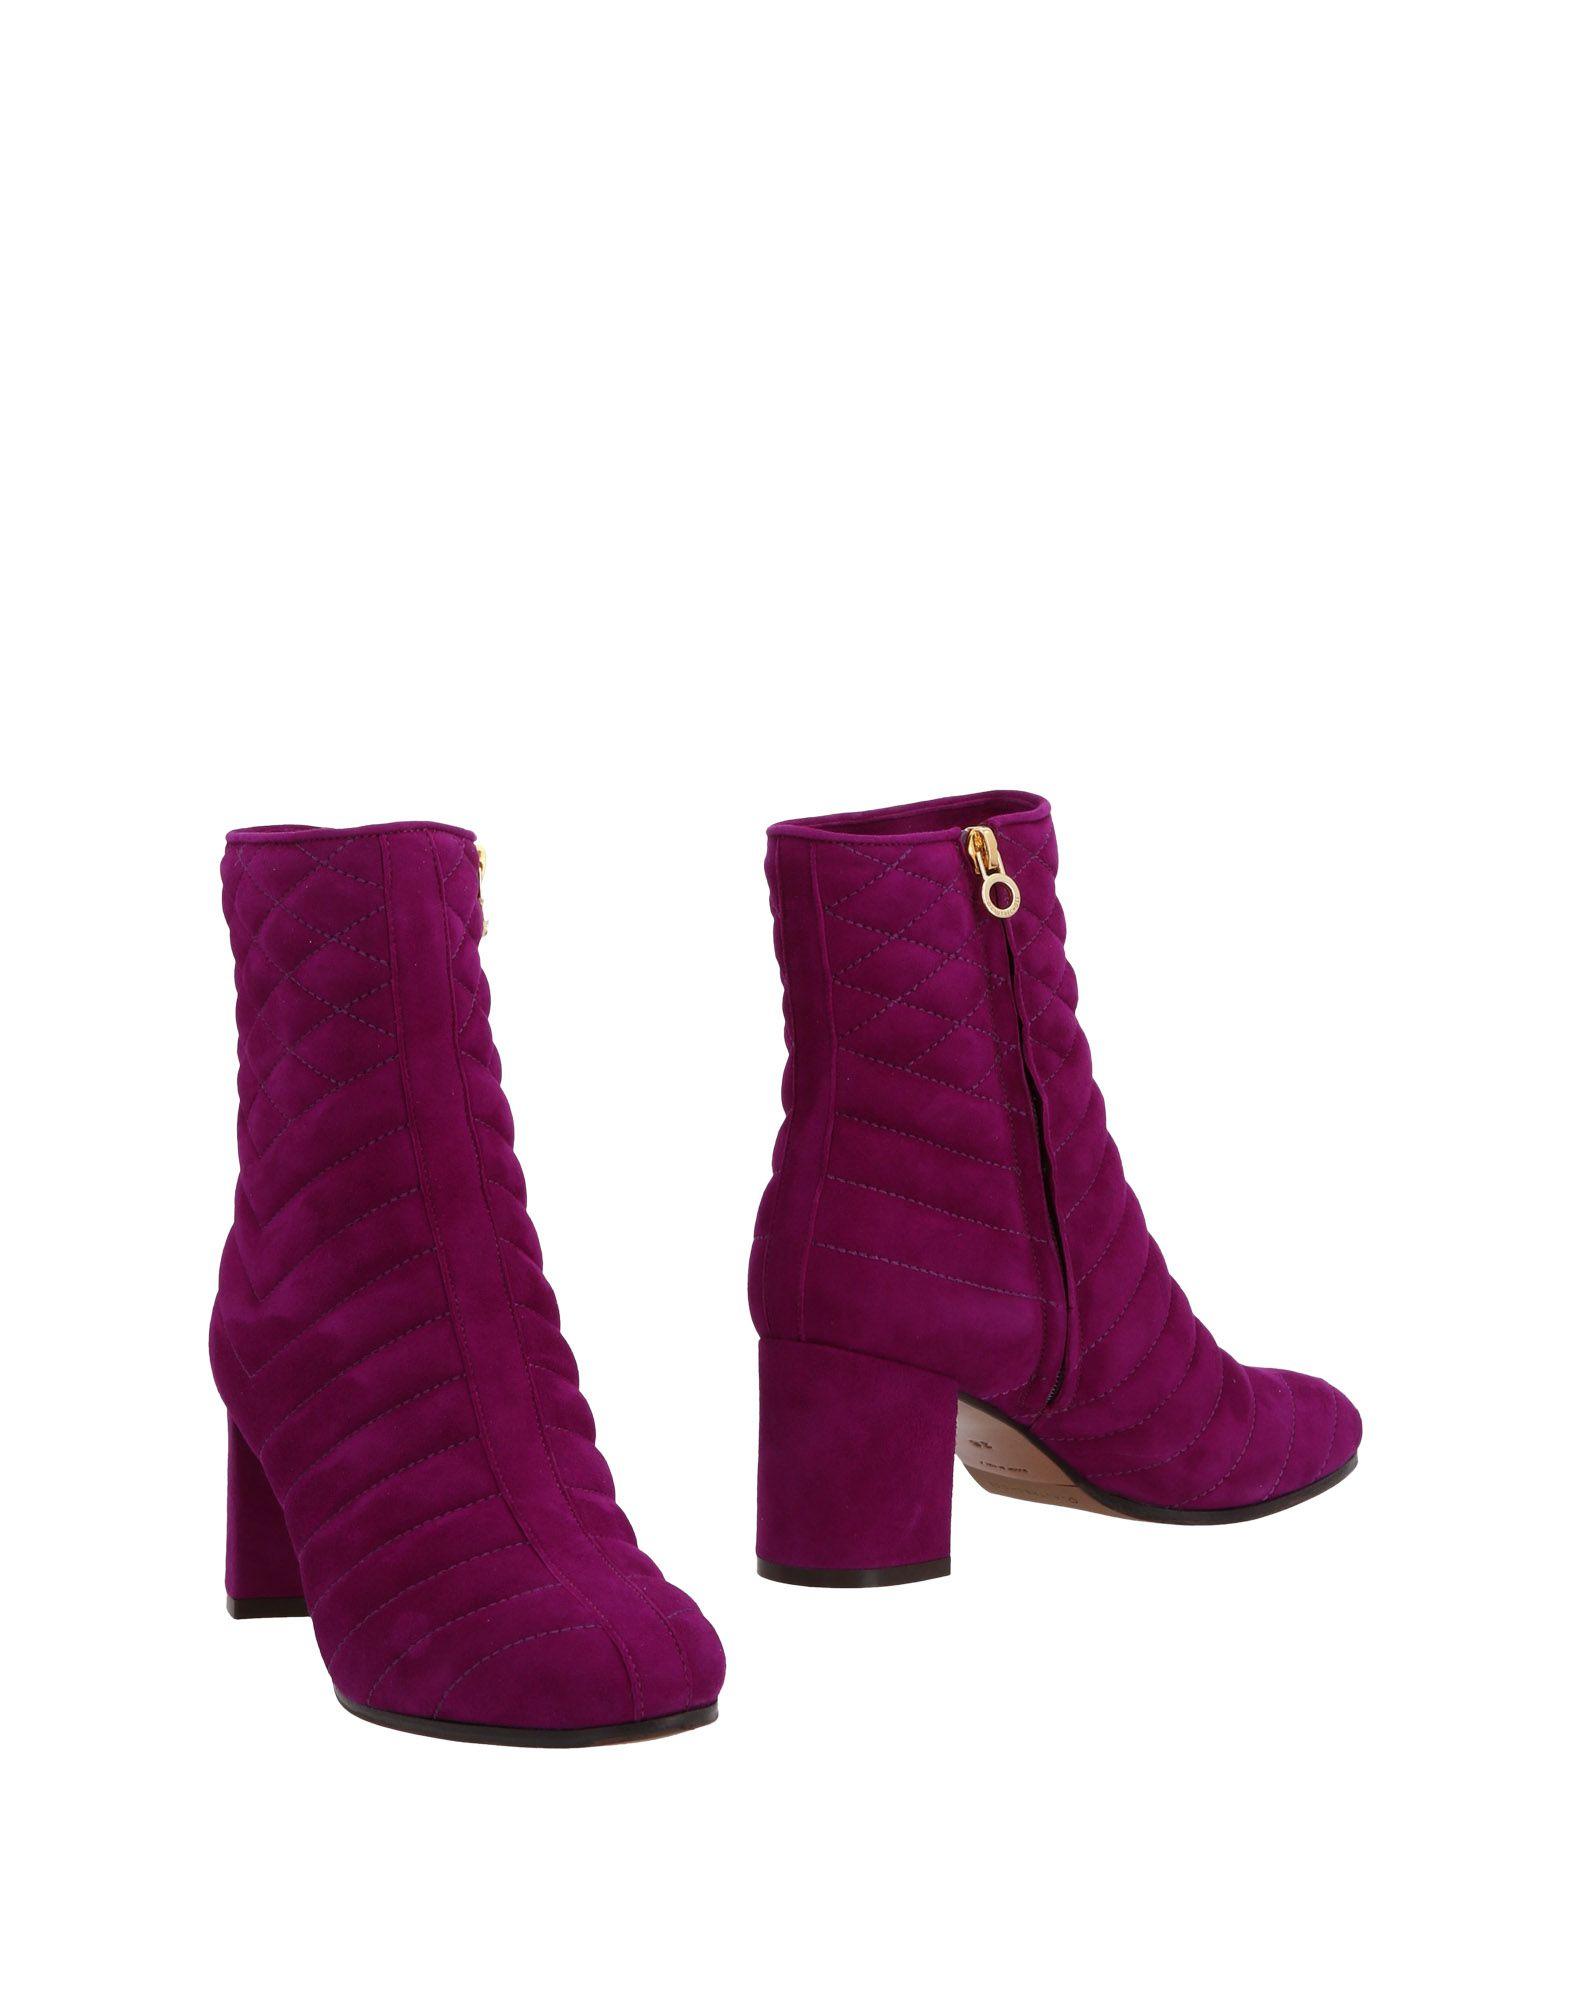 Bottine L' Autre Chose Femme - Bottines L' Autre Chose Violet Remise de marque